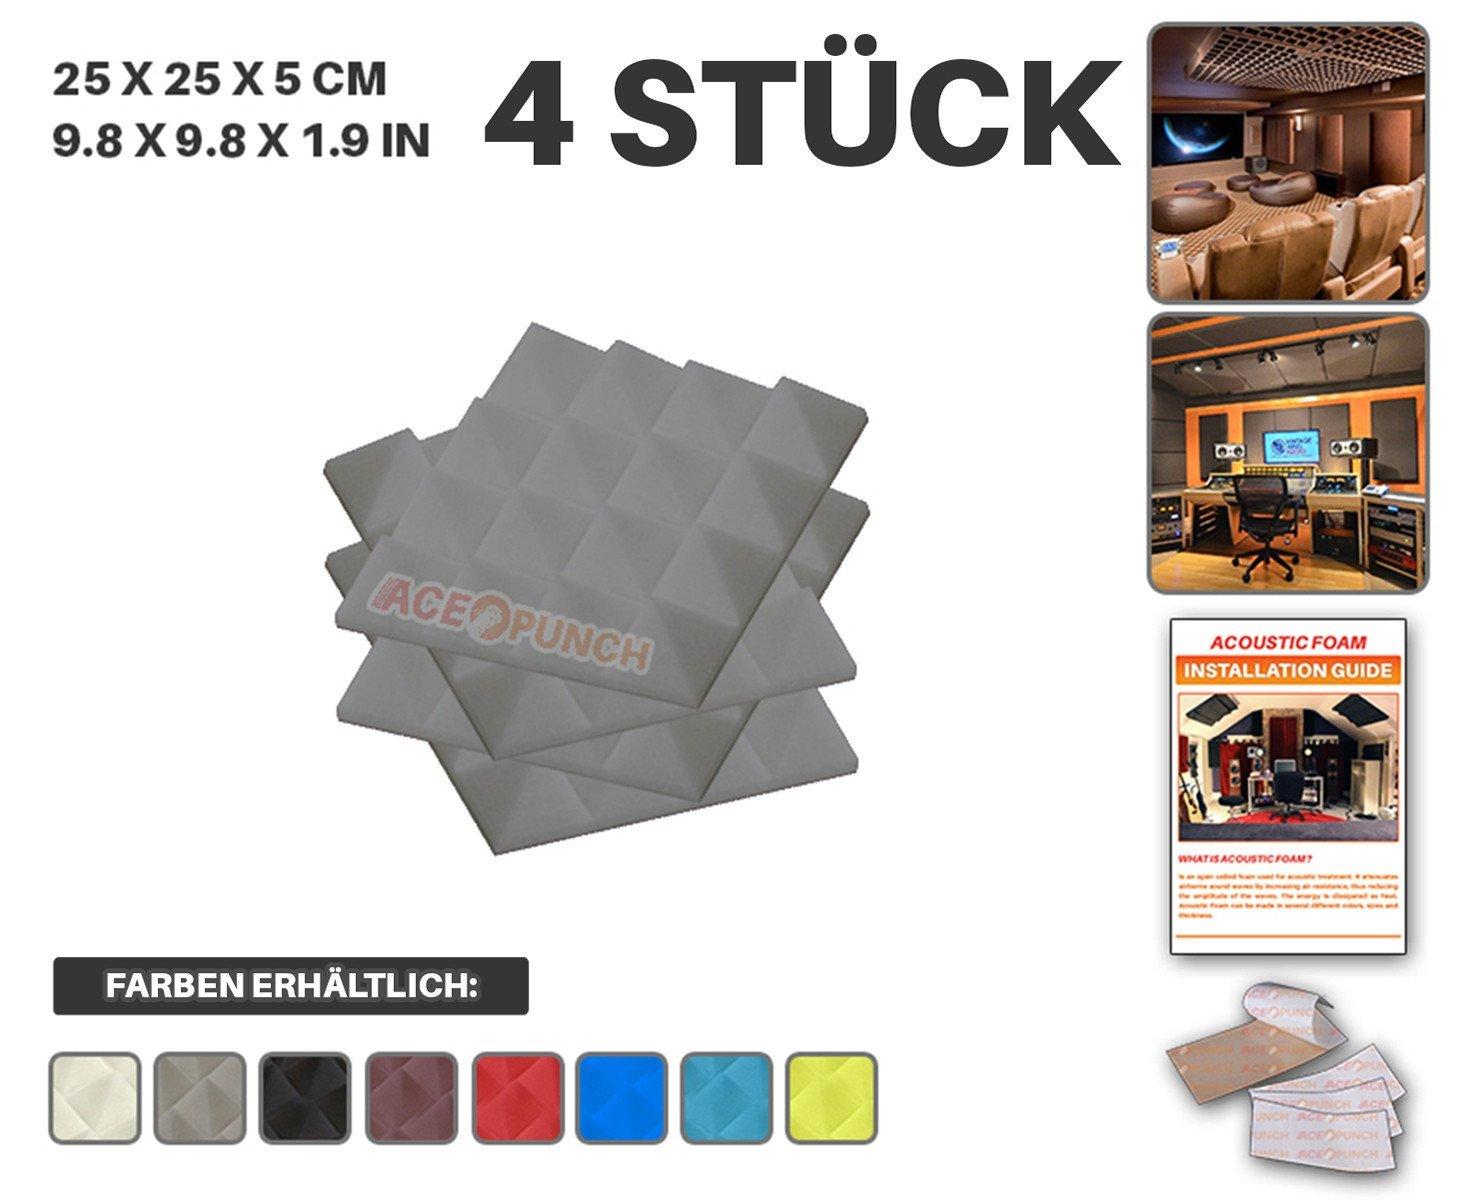 Acepunch 4 Stücke BLAU Pyramide Akustikschaumstoff Schallschutzisolierung Studio Fliesen Mit freien Klebestreifen 25 x 25 x 5 cm AP1034